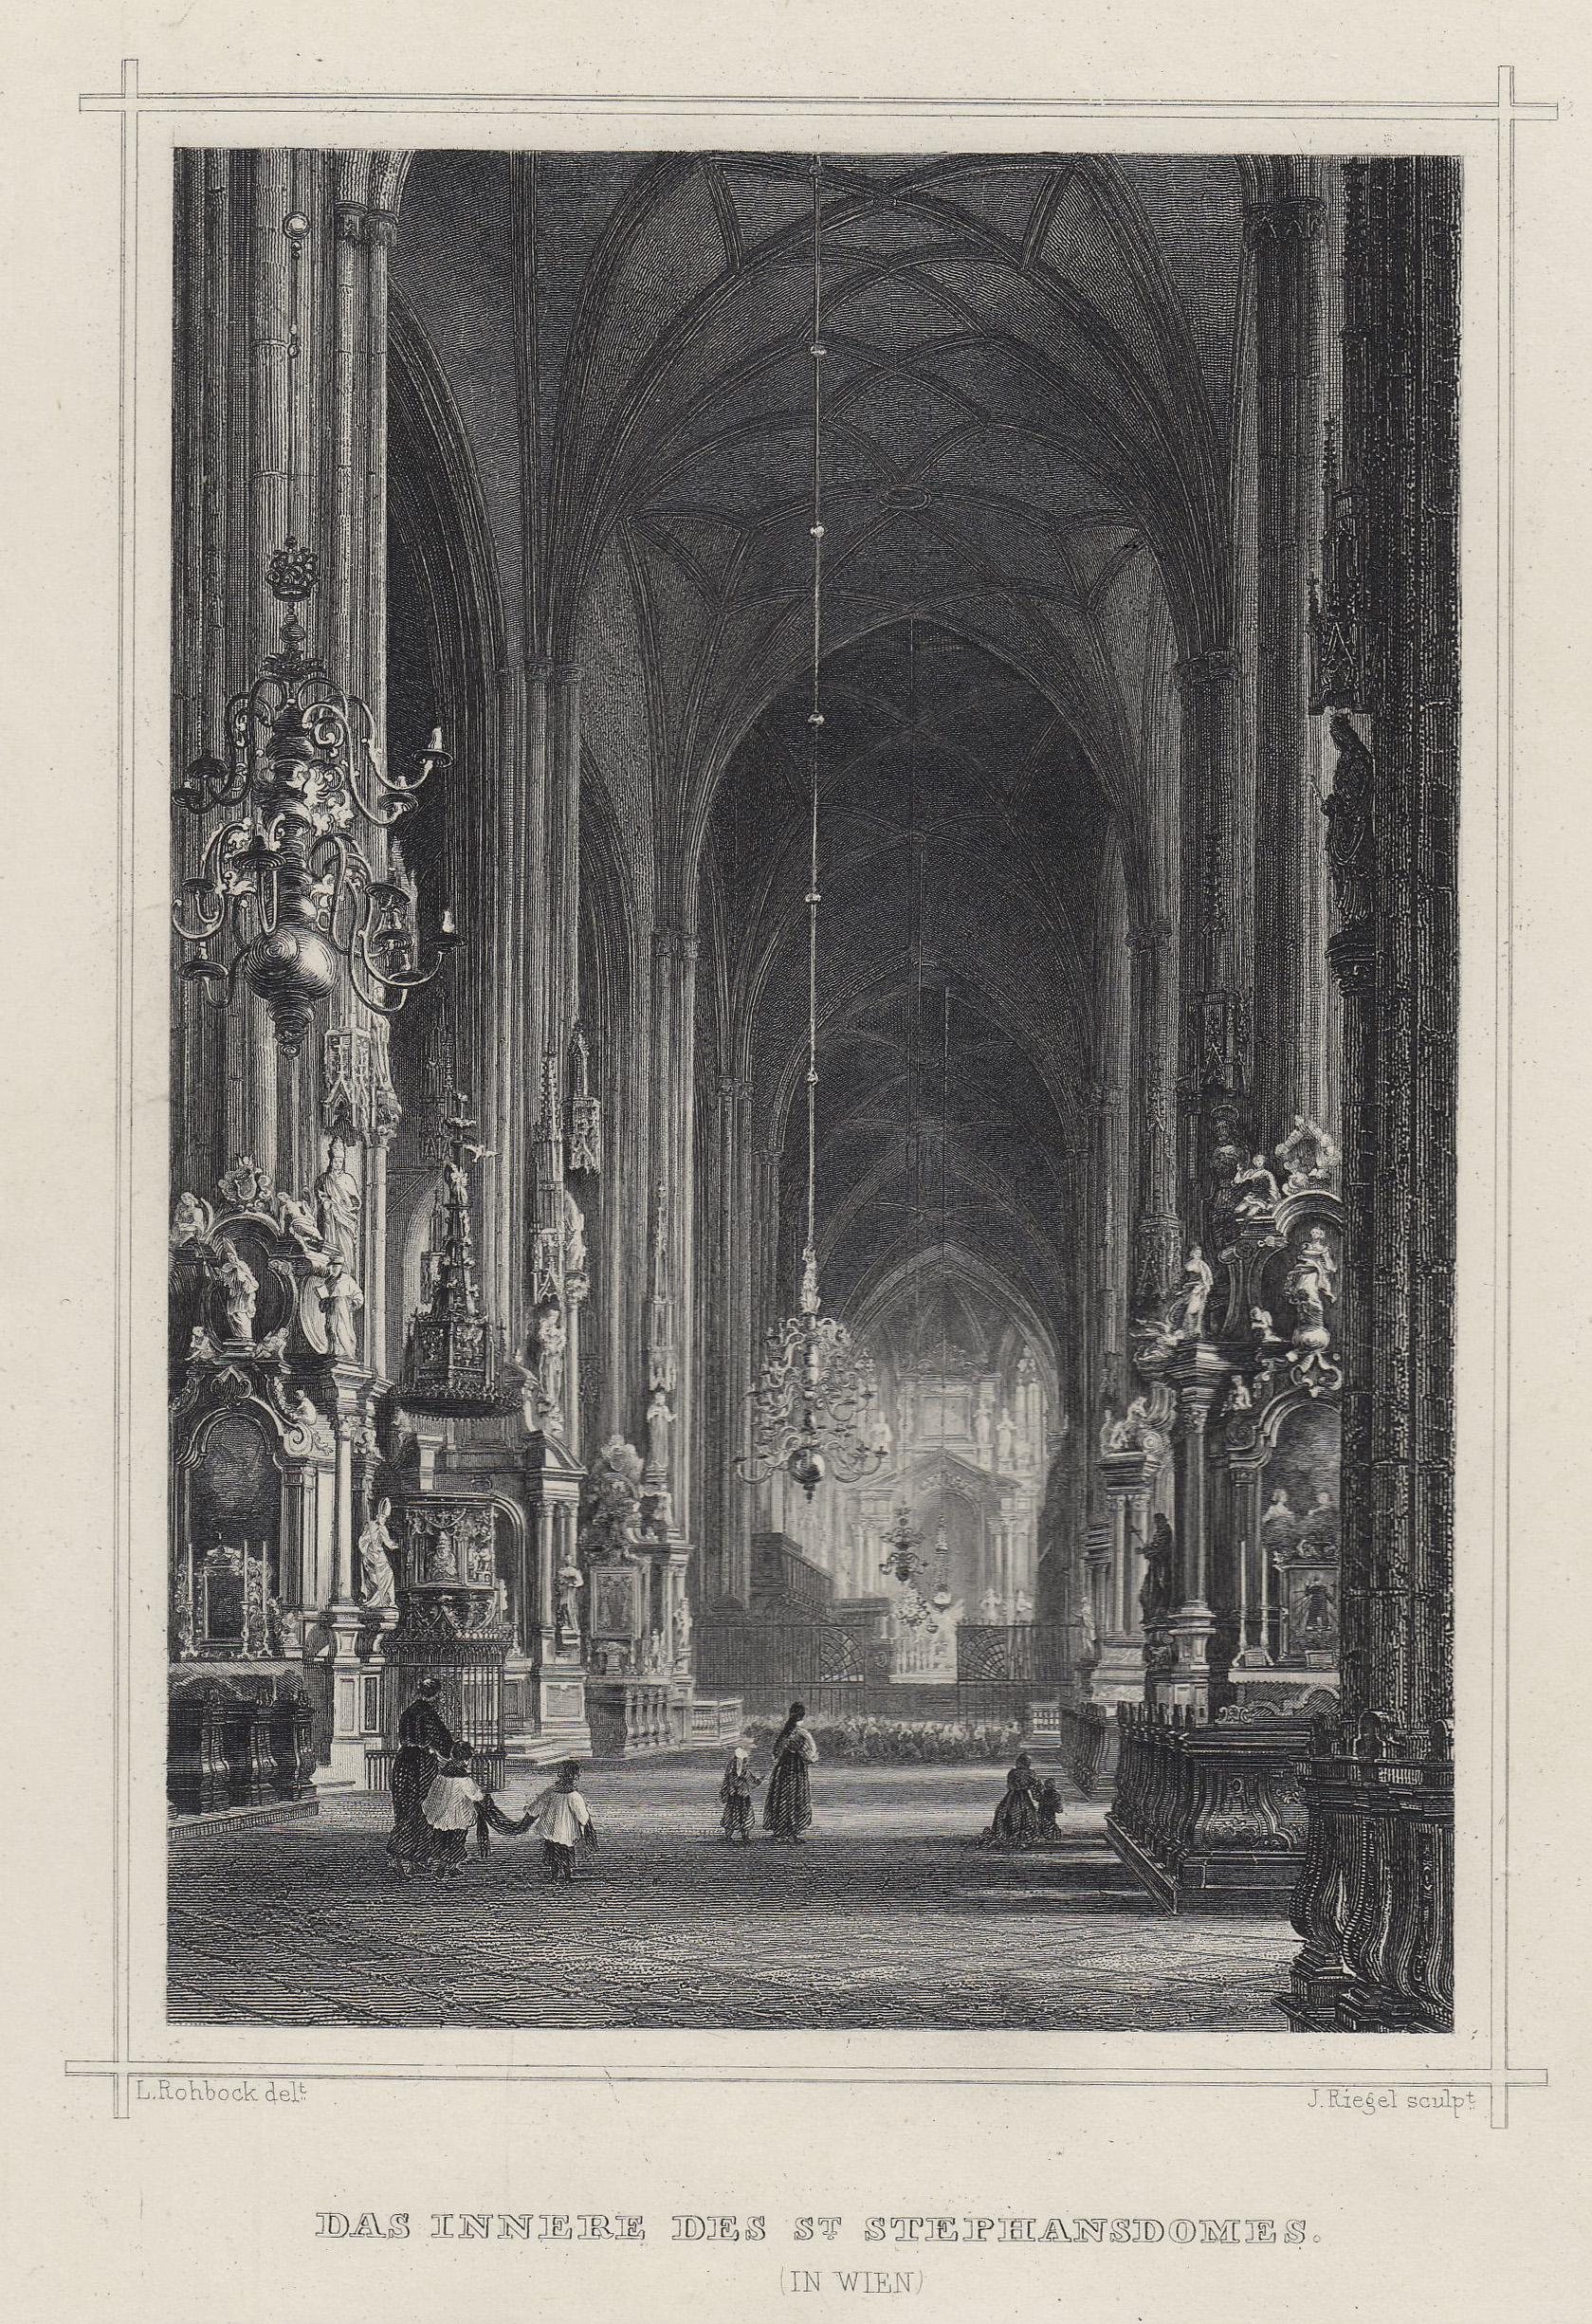 TA., Stephansdom (Innenansicht).: Wien ( Vienna